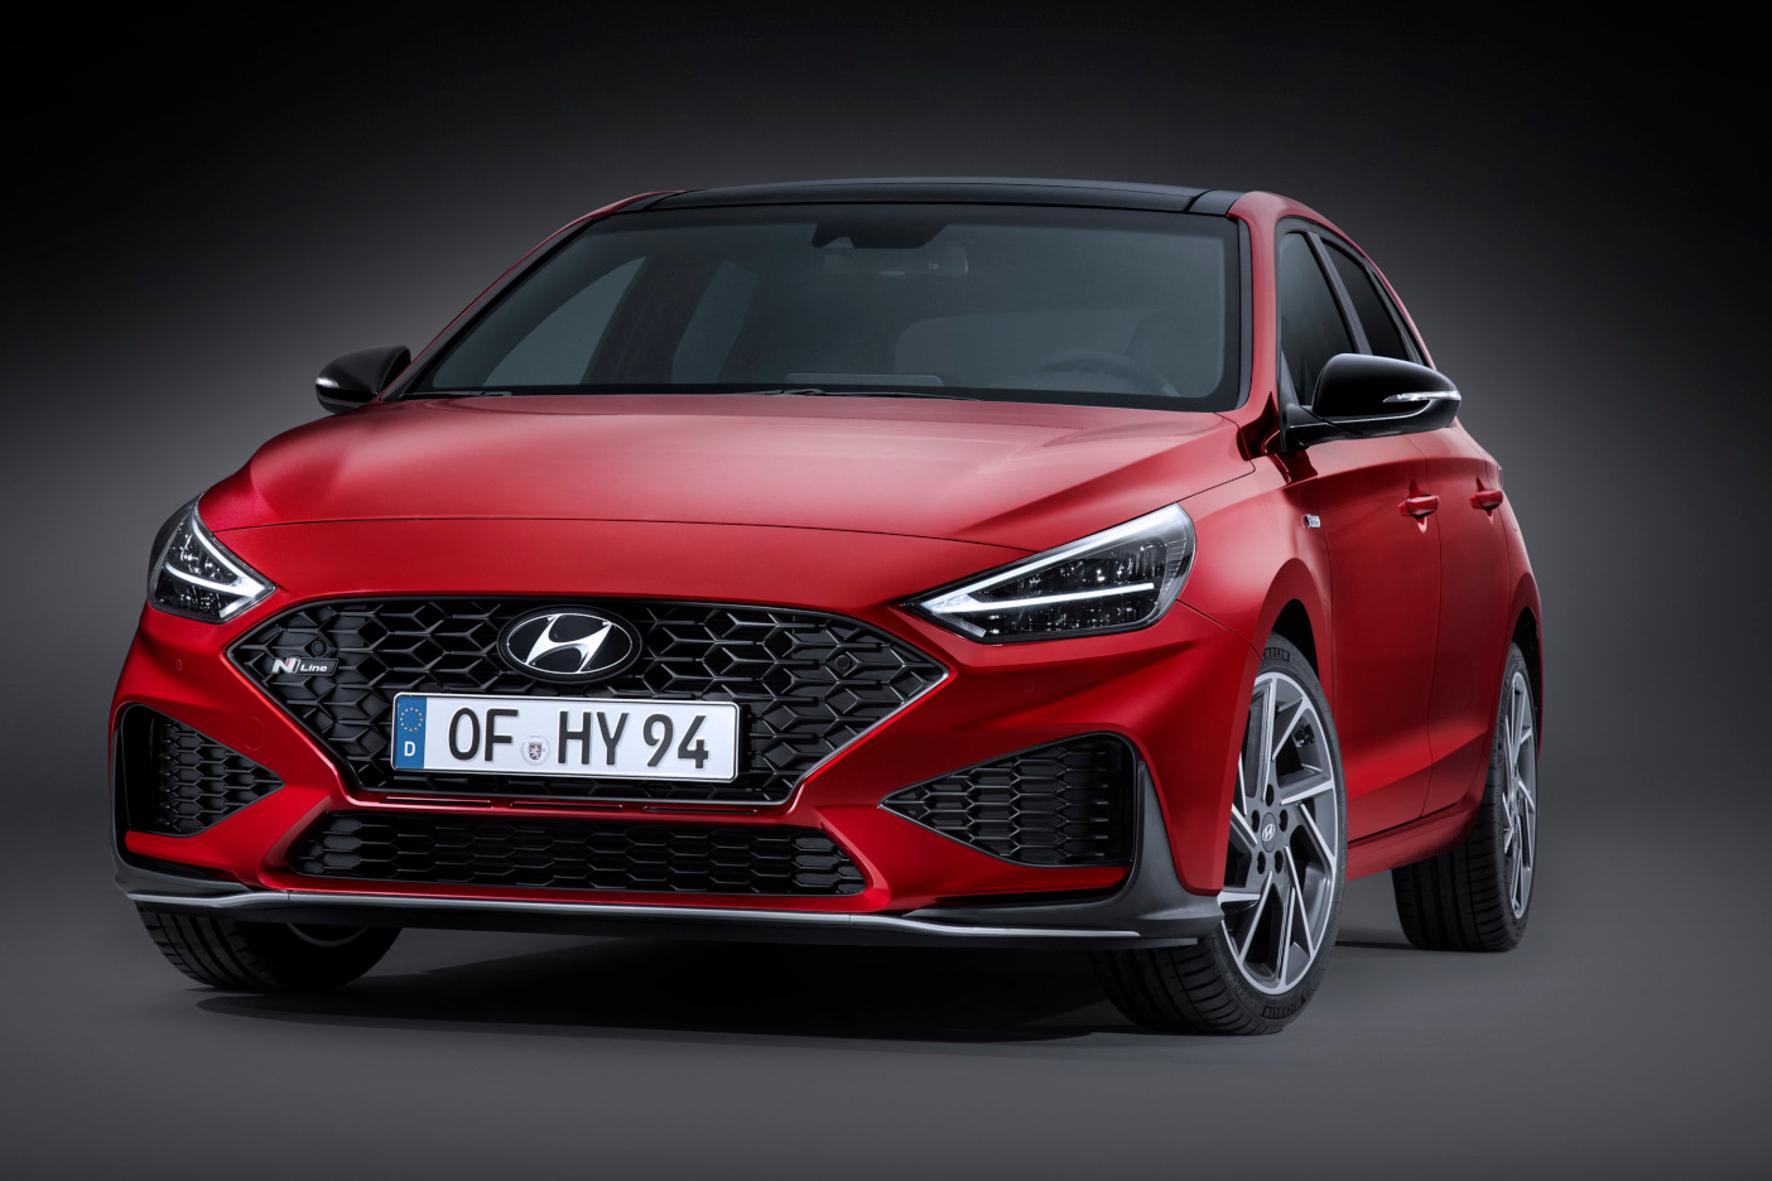 mid Groß-Gerau - Der neue Hyundai i30 wird im März 2020 vorgestellt. Hyundai